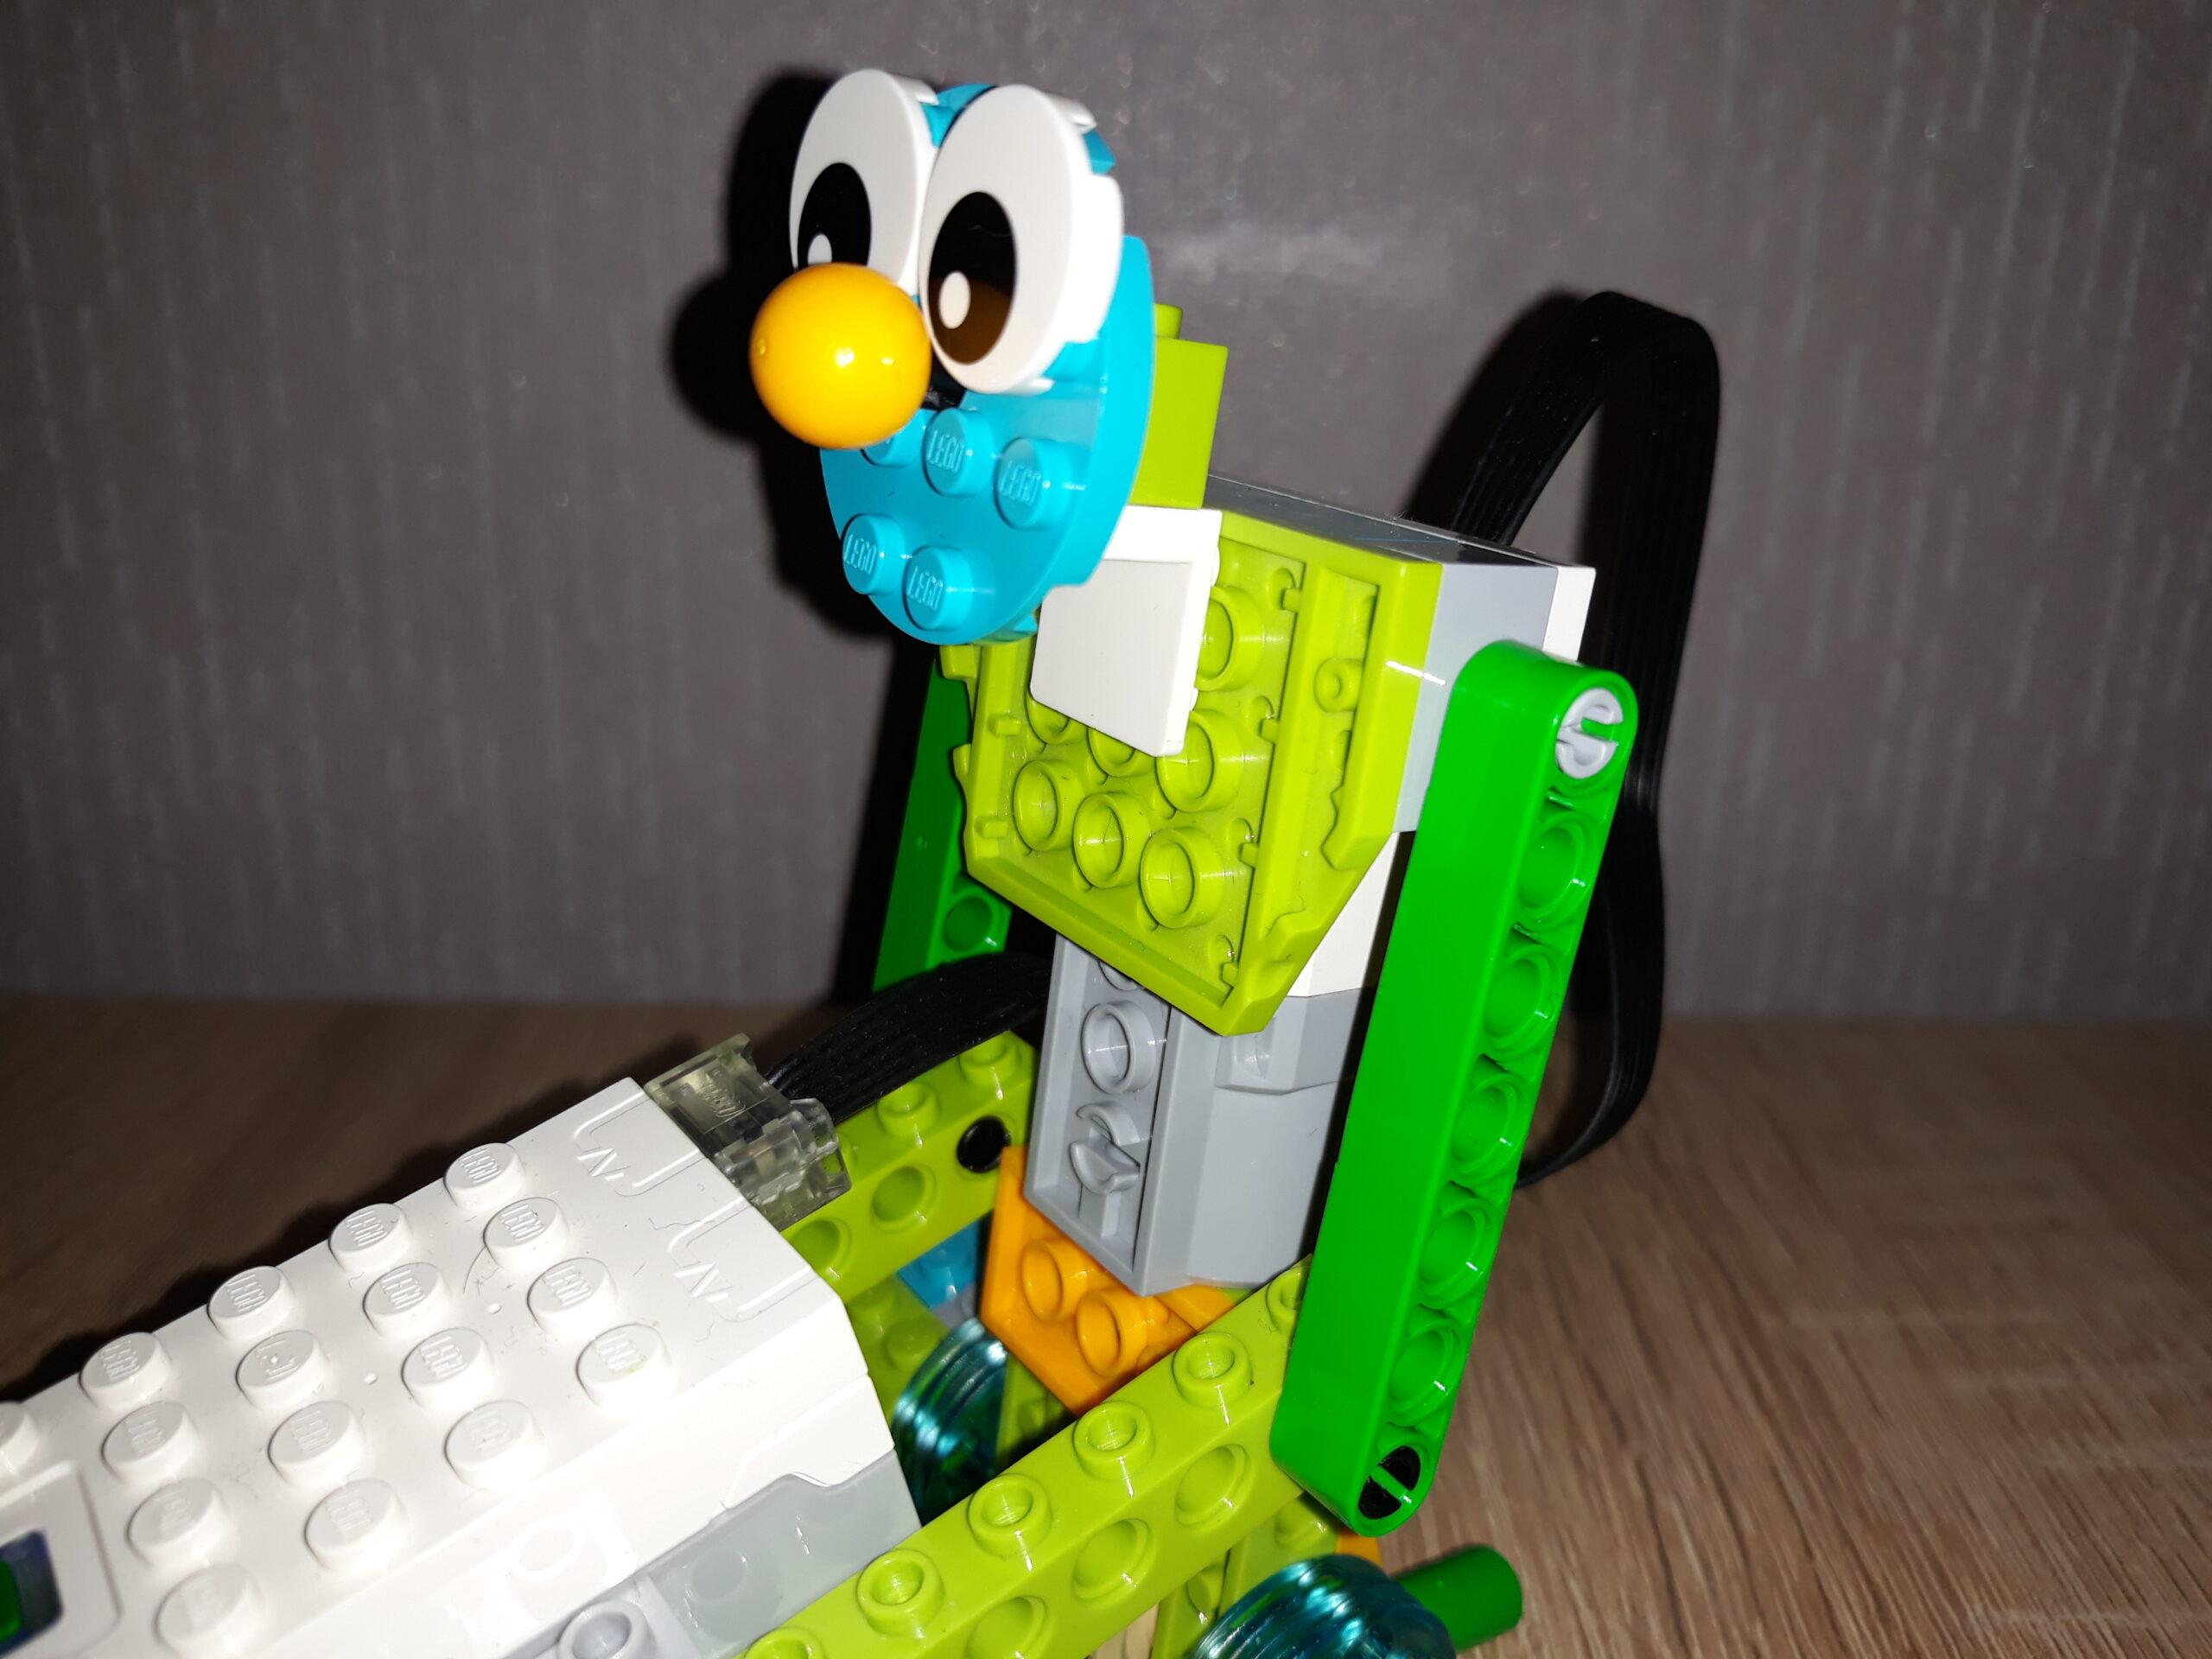 Инструкция по сборке из набора LEGO Education WeDo 2.0 Боб строитель 2